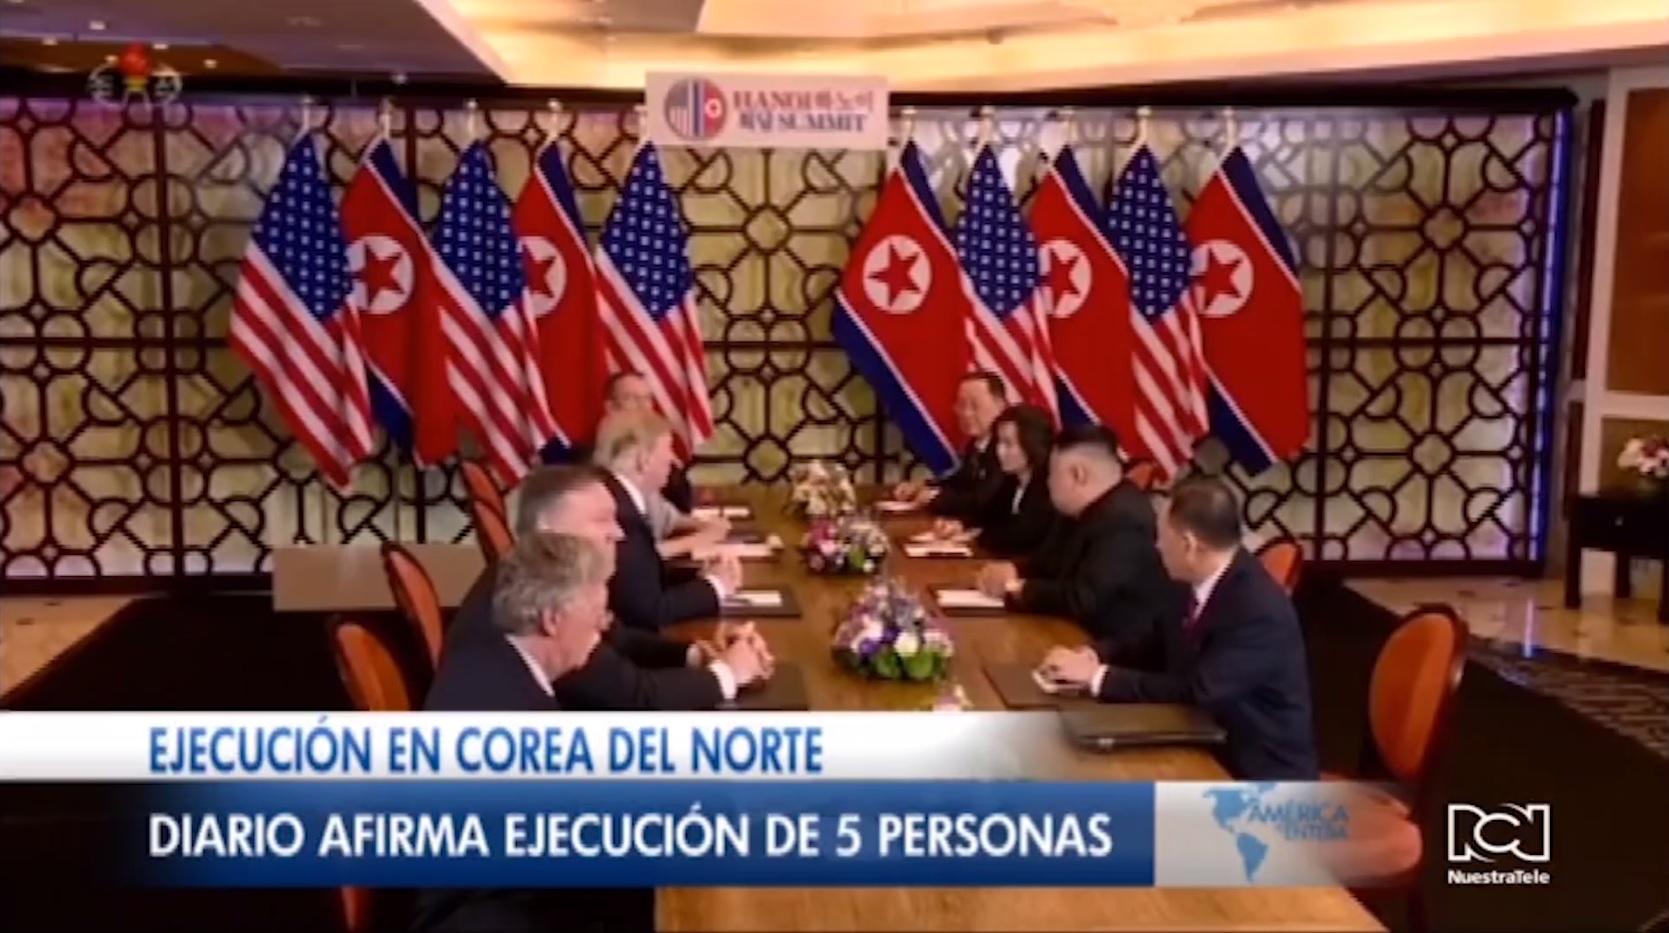 ejecuciones-en-corea-del-norte.jpg